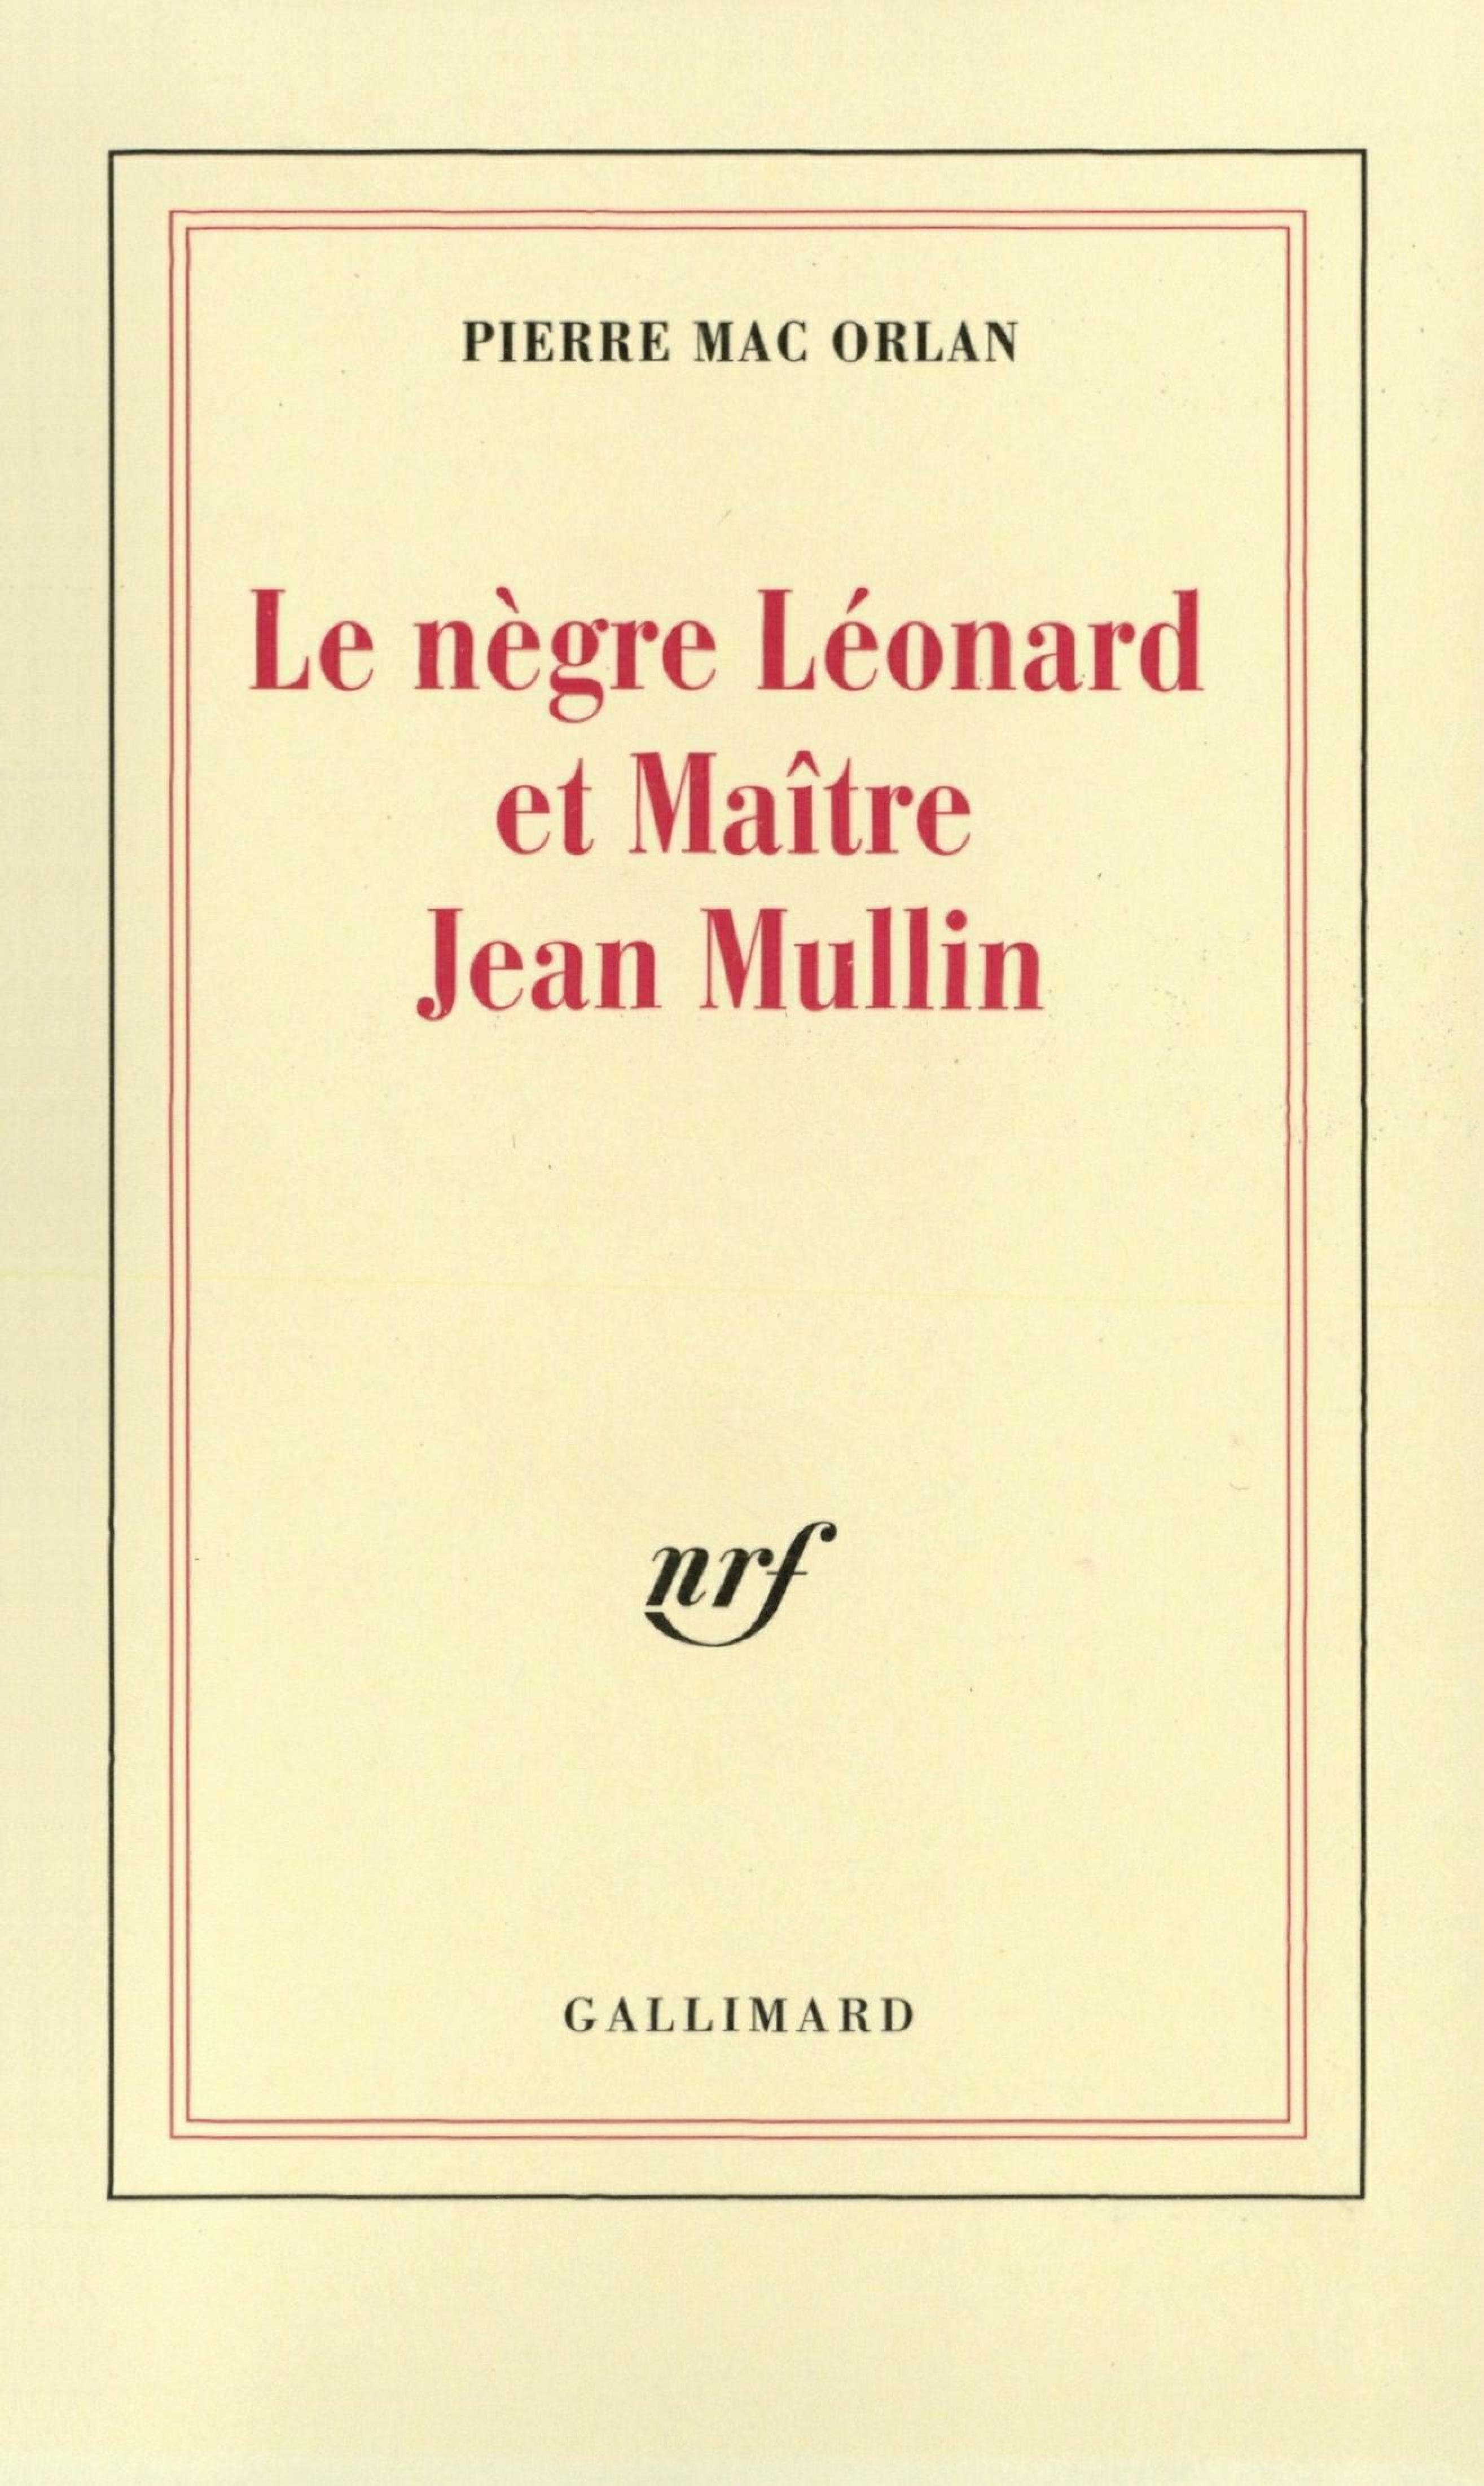 Le nègre Léonard et Maître Jean Mullin